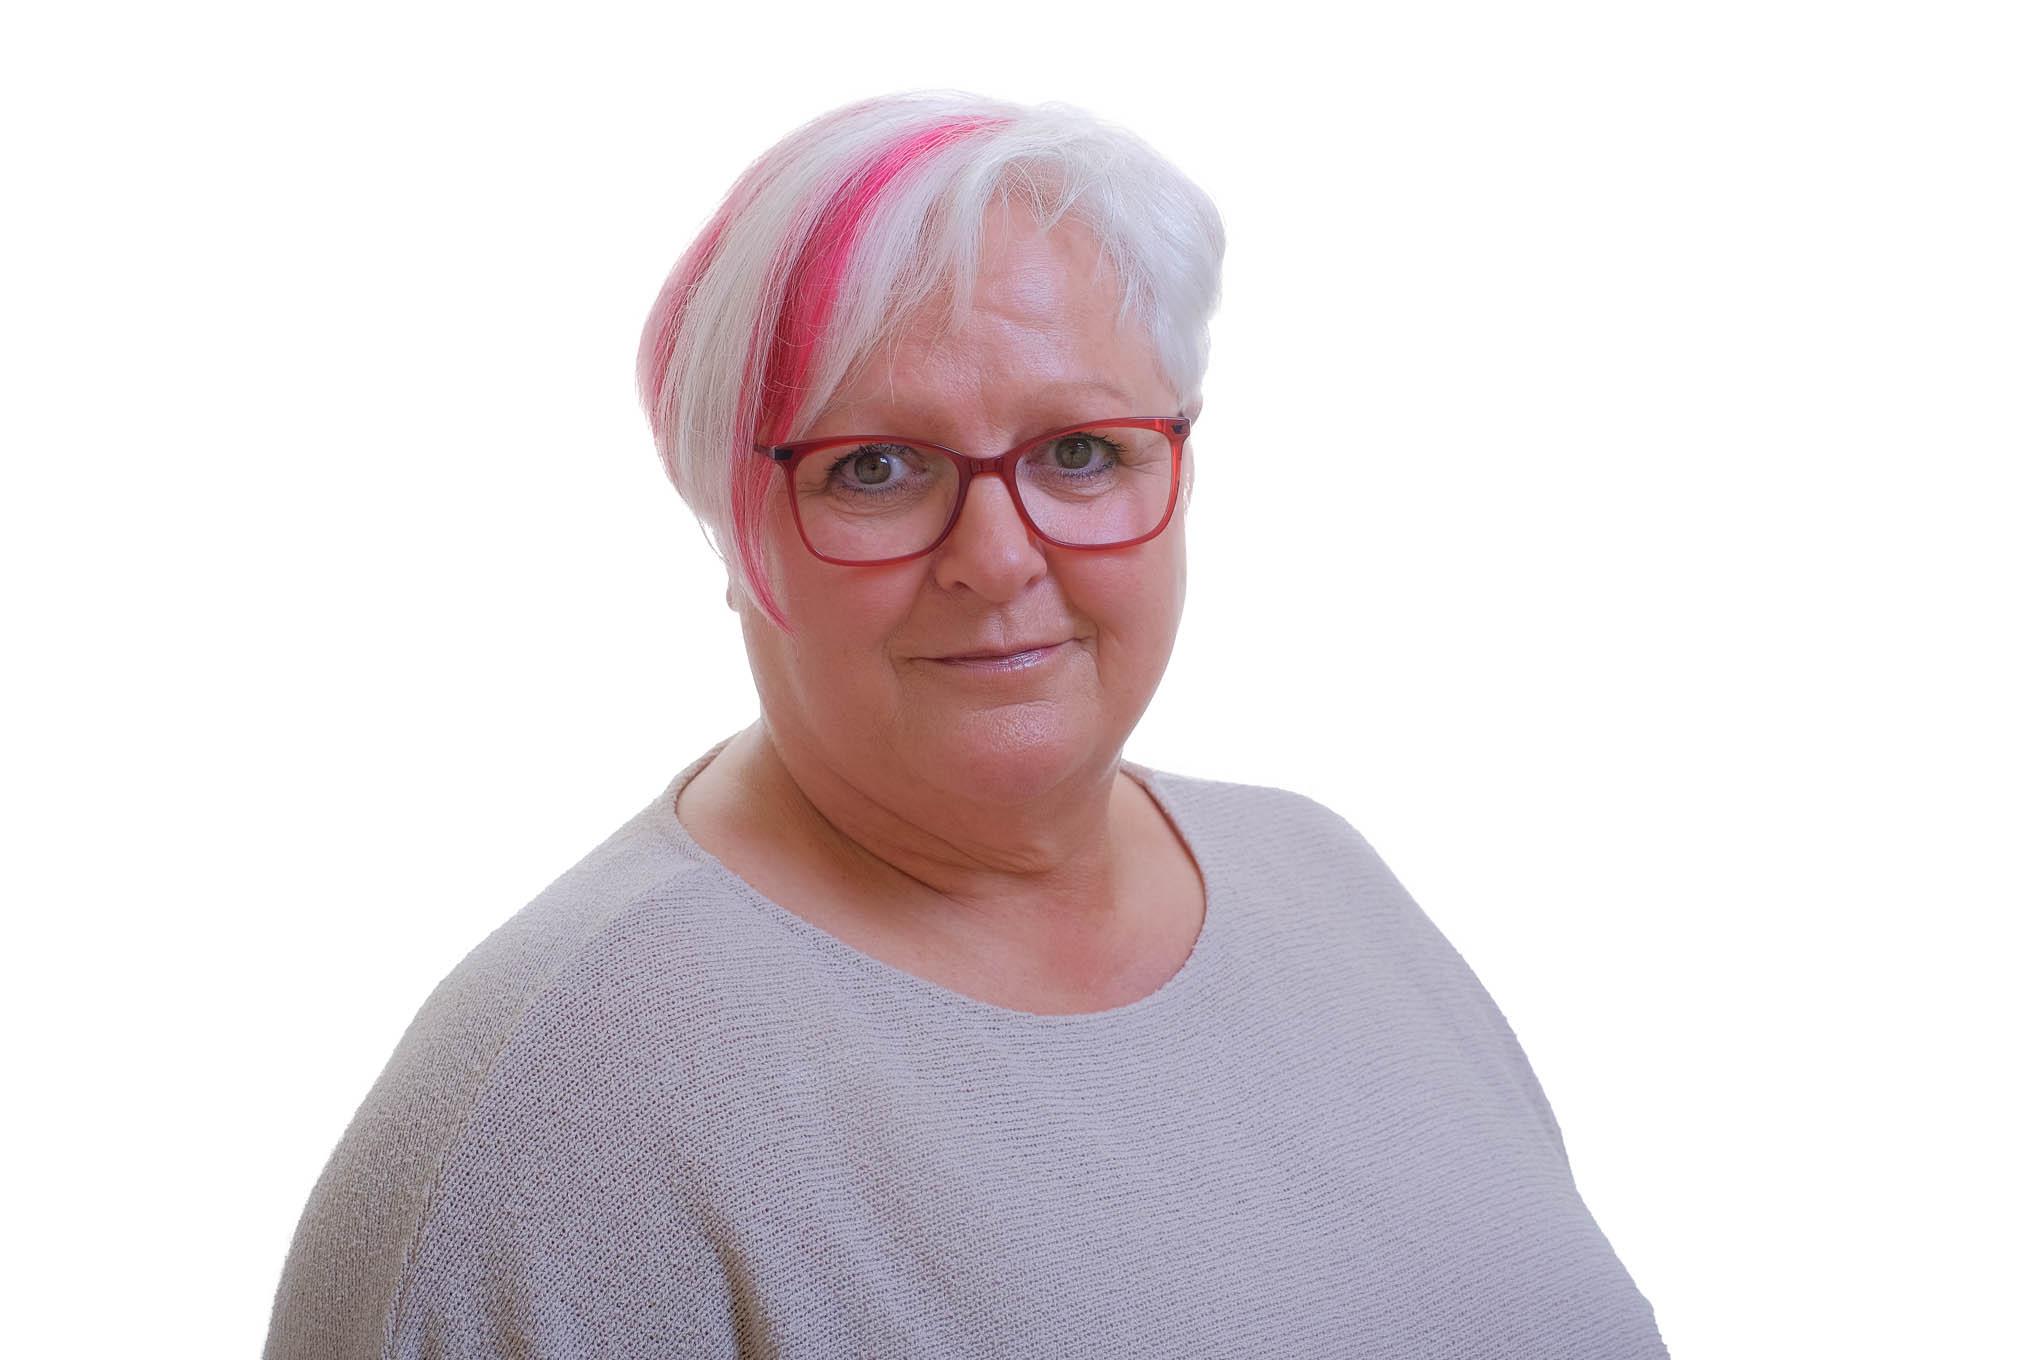 Bettina Eggert